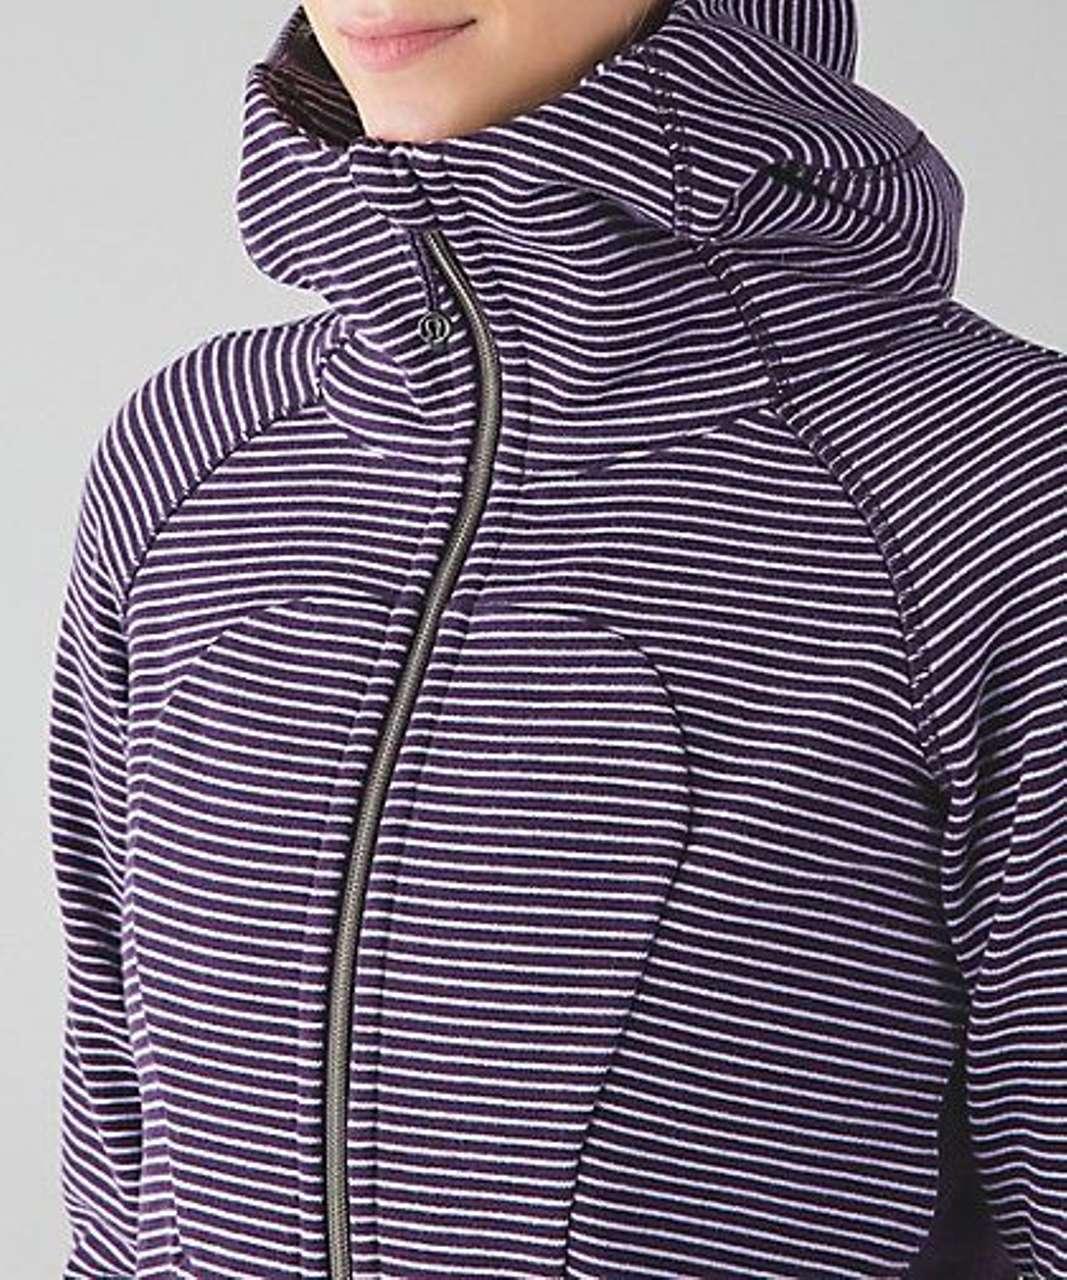 Lululemon Scuba Hoodie III - Hyper Stripe Deep Zinfandel Lilac / Lilac